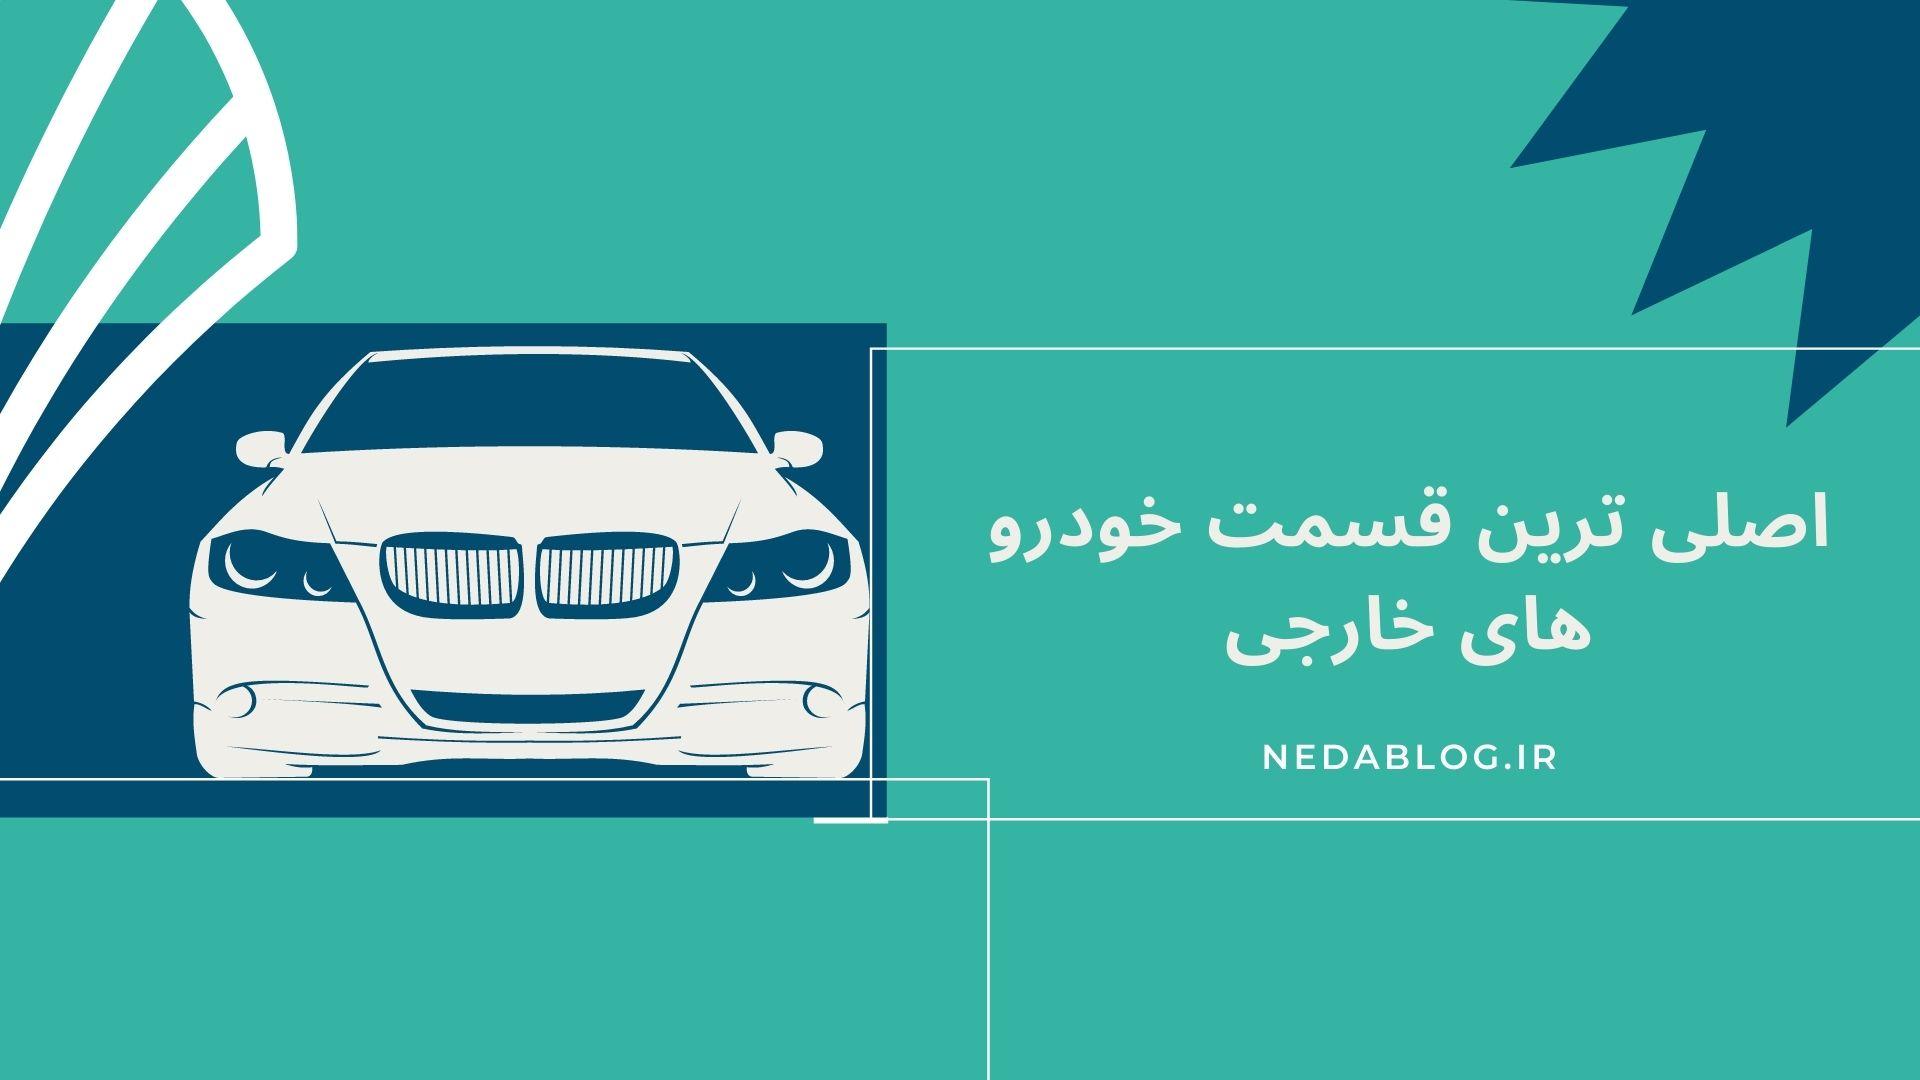 اصلی ترین قسمت خودرو های خارجی